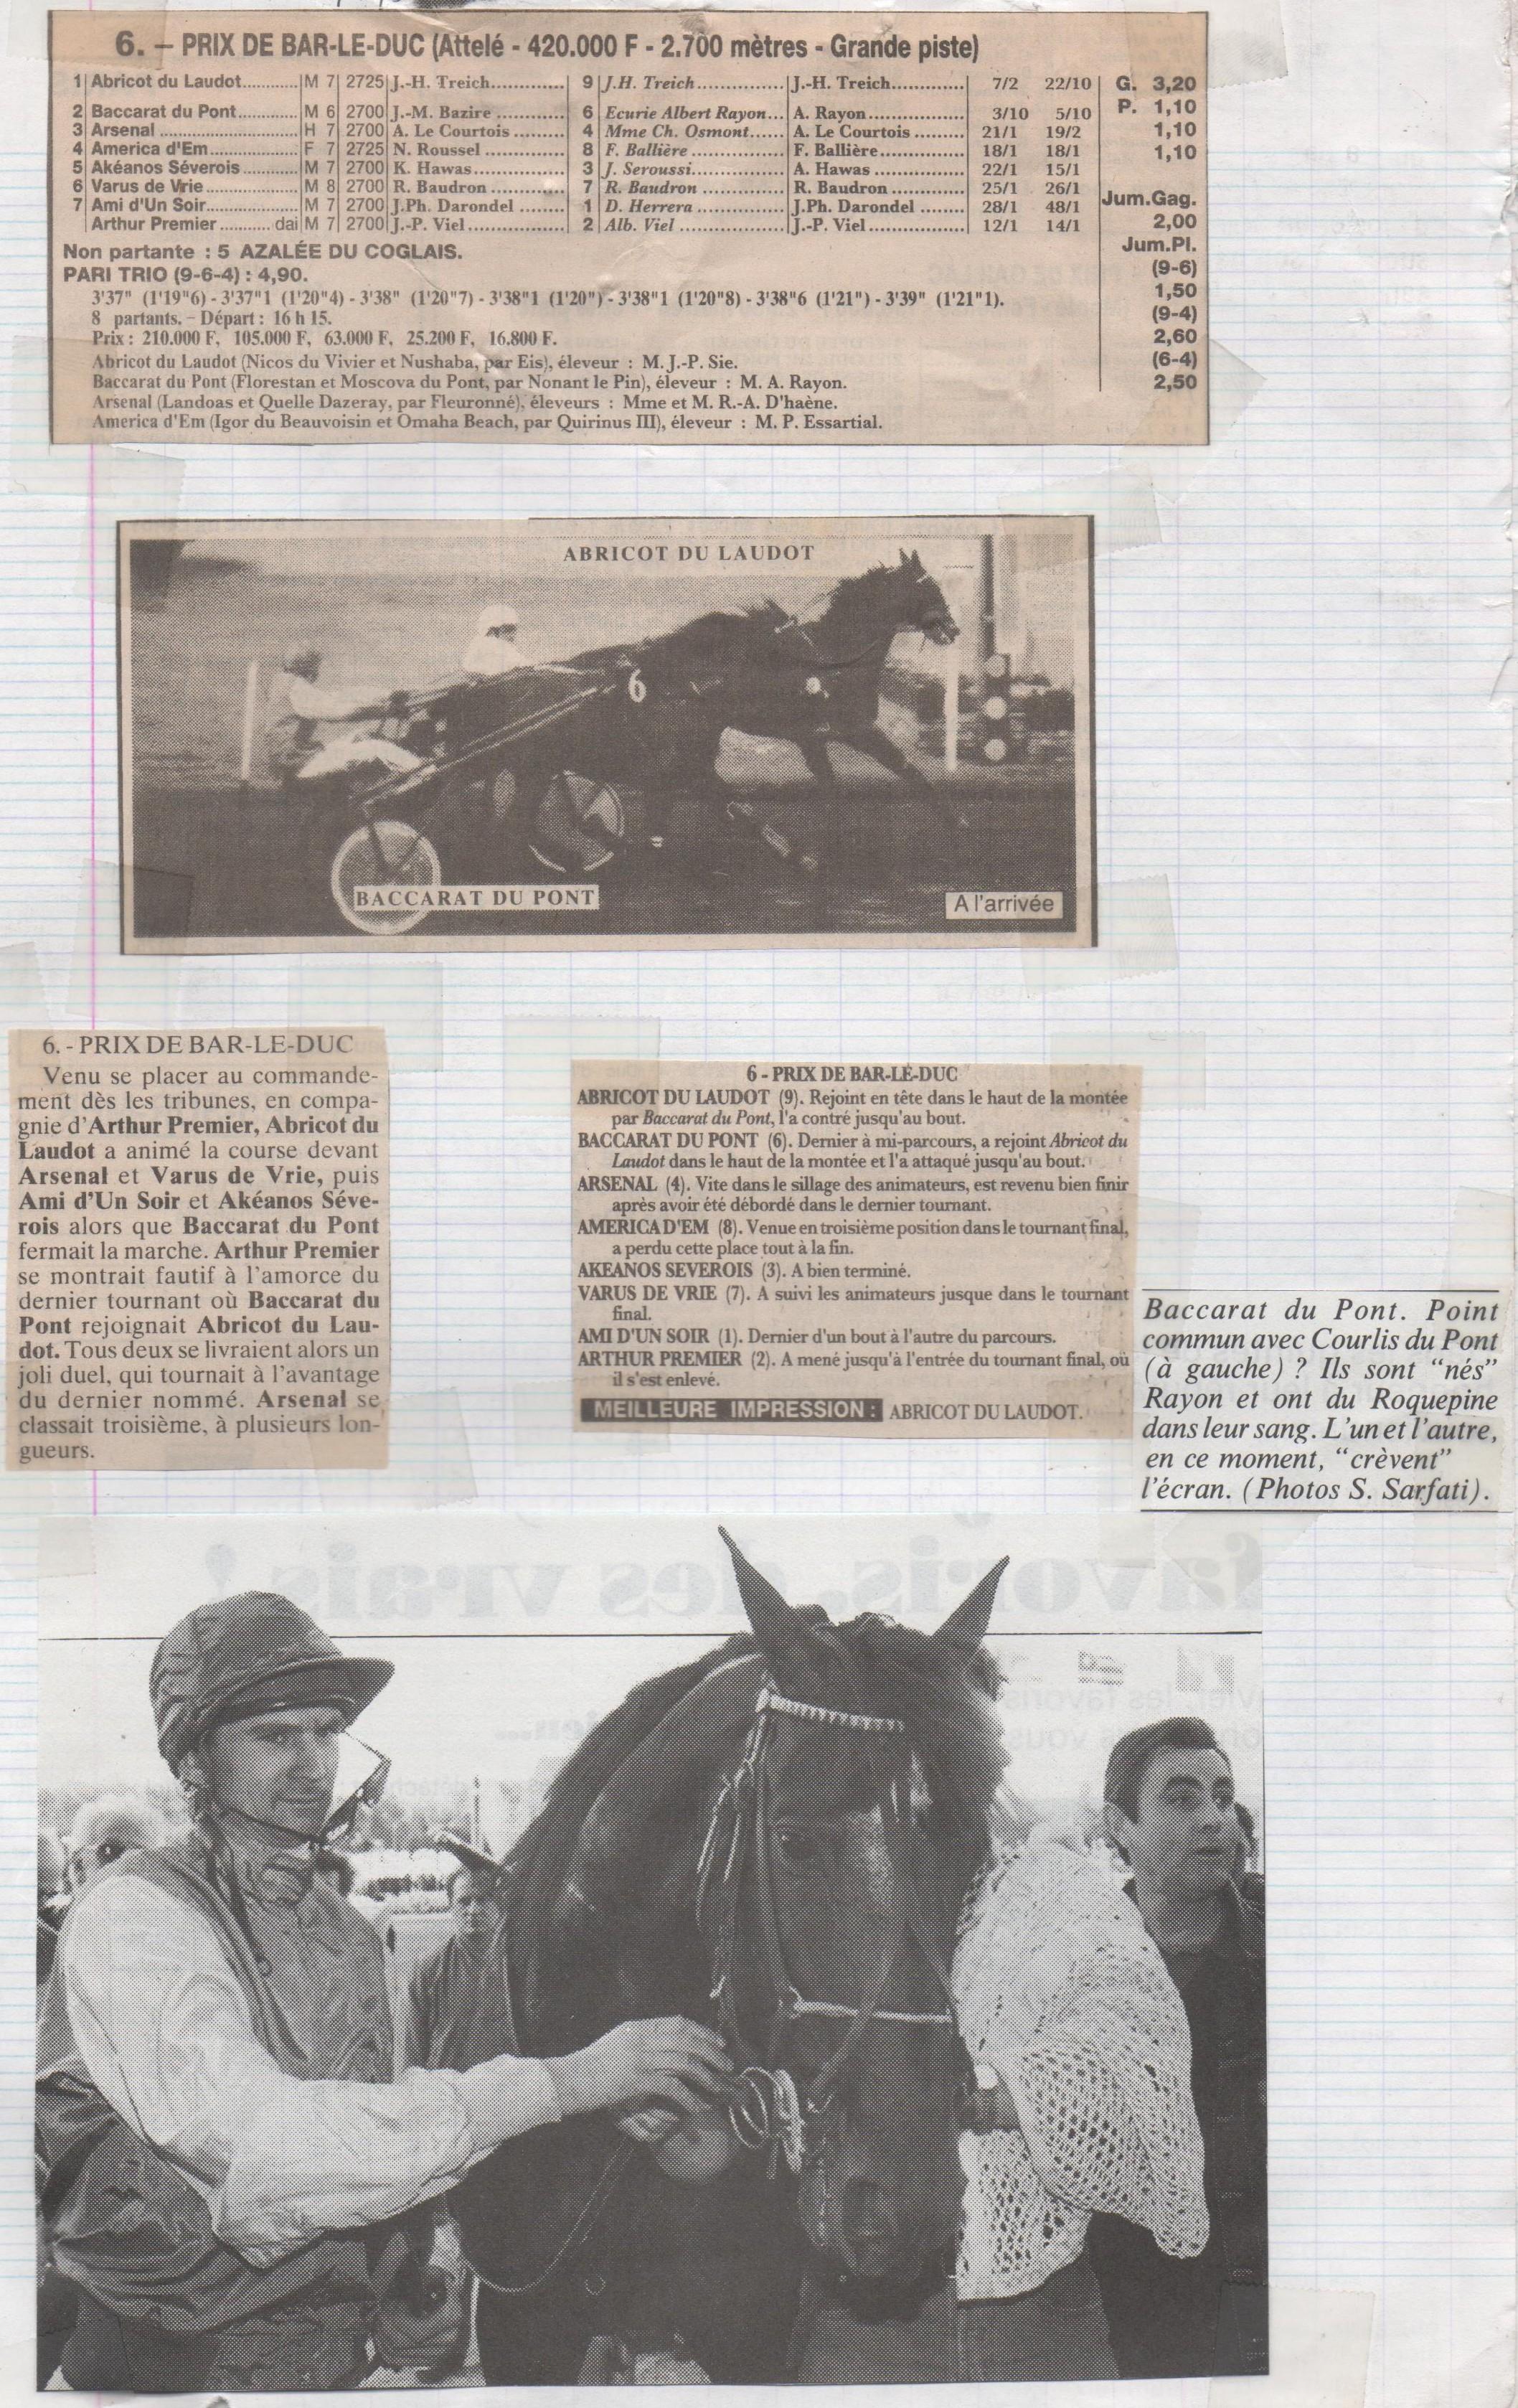 1995 12 31 Baccarat du Pont Prix de Bar le Duc (2)